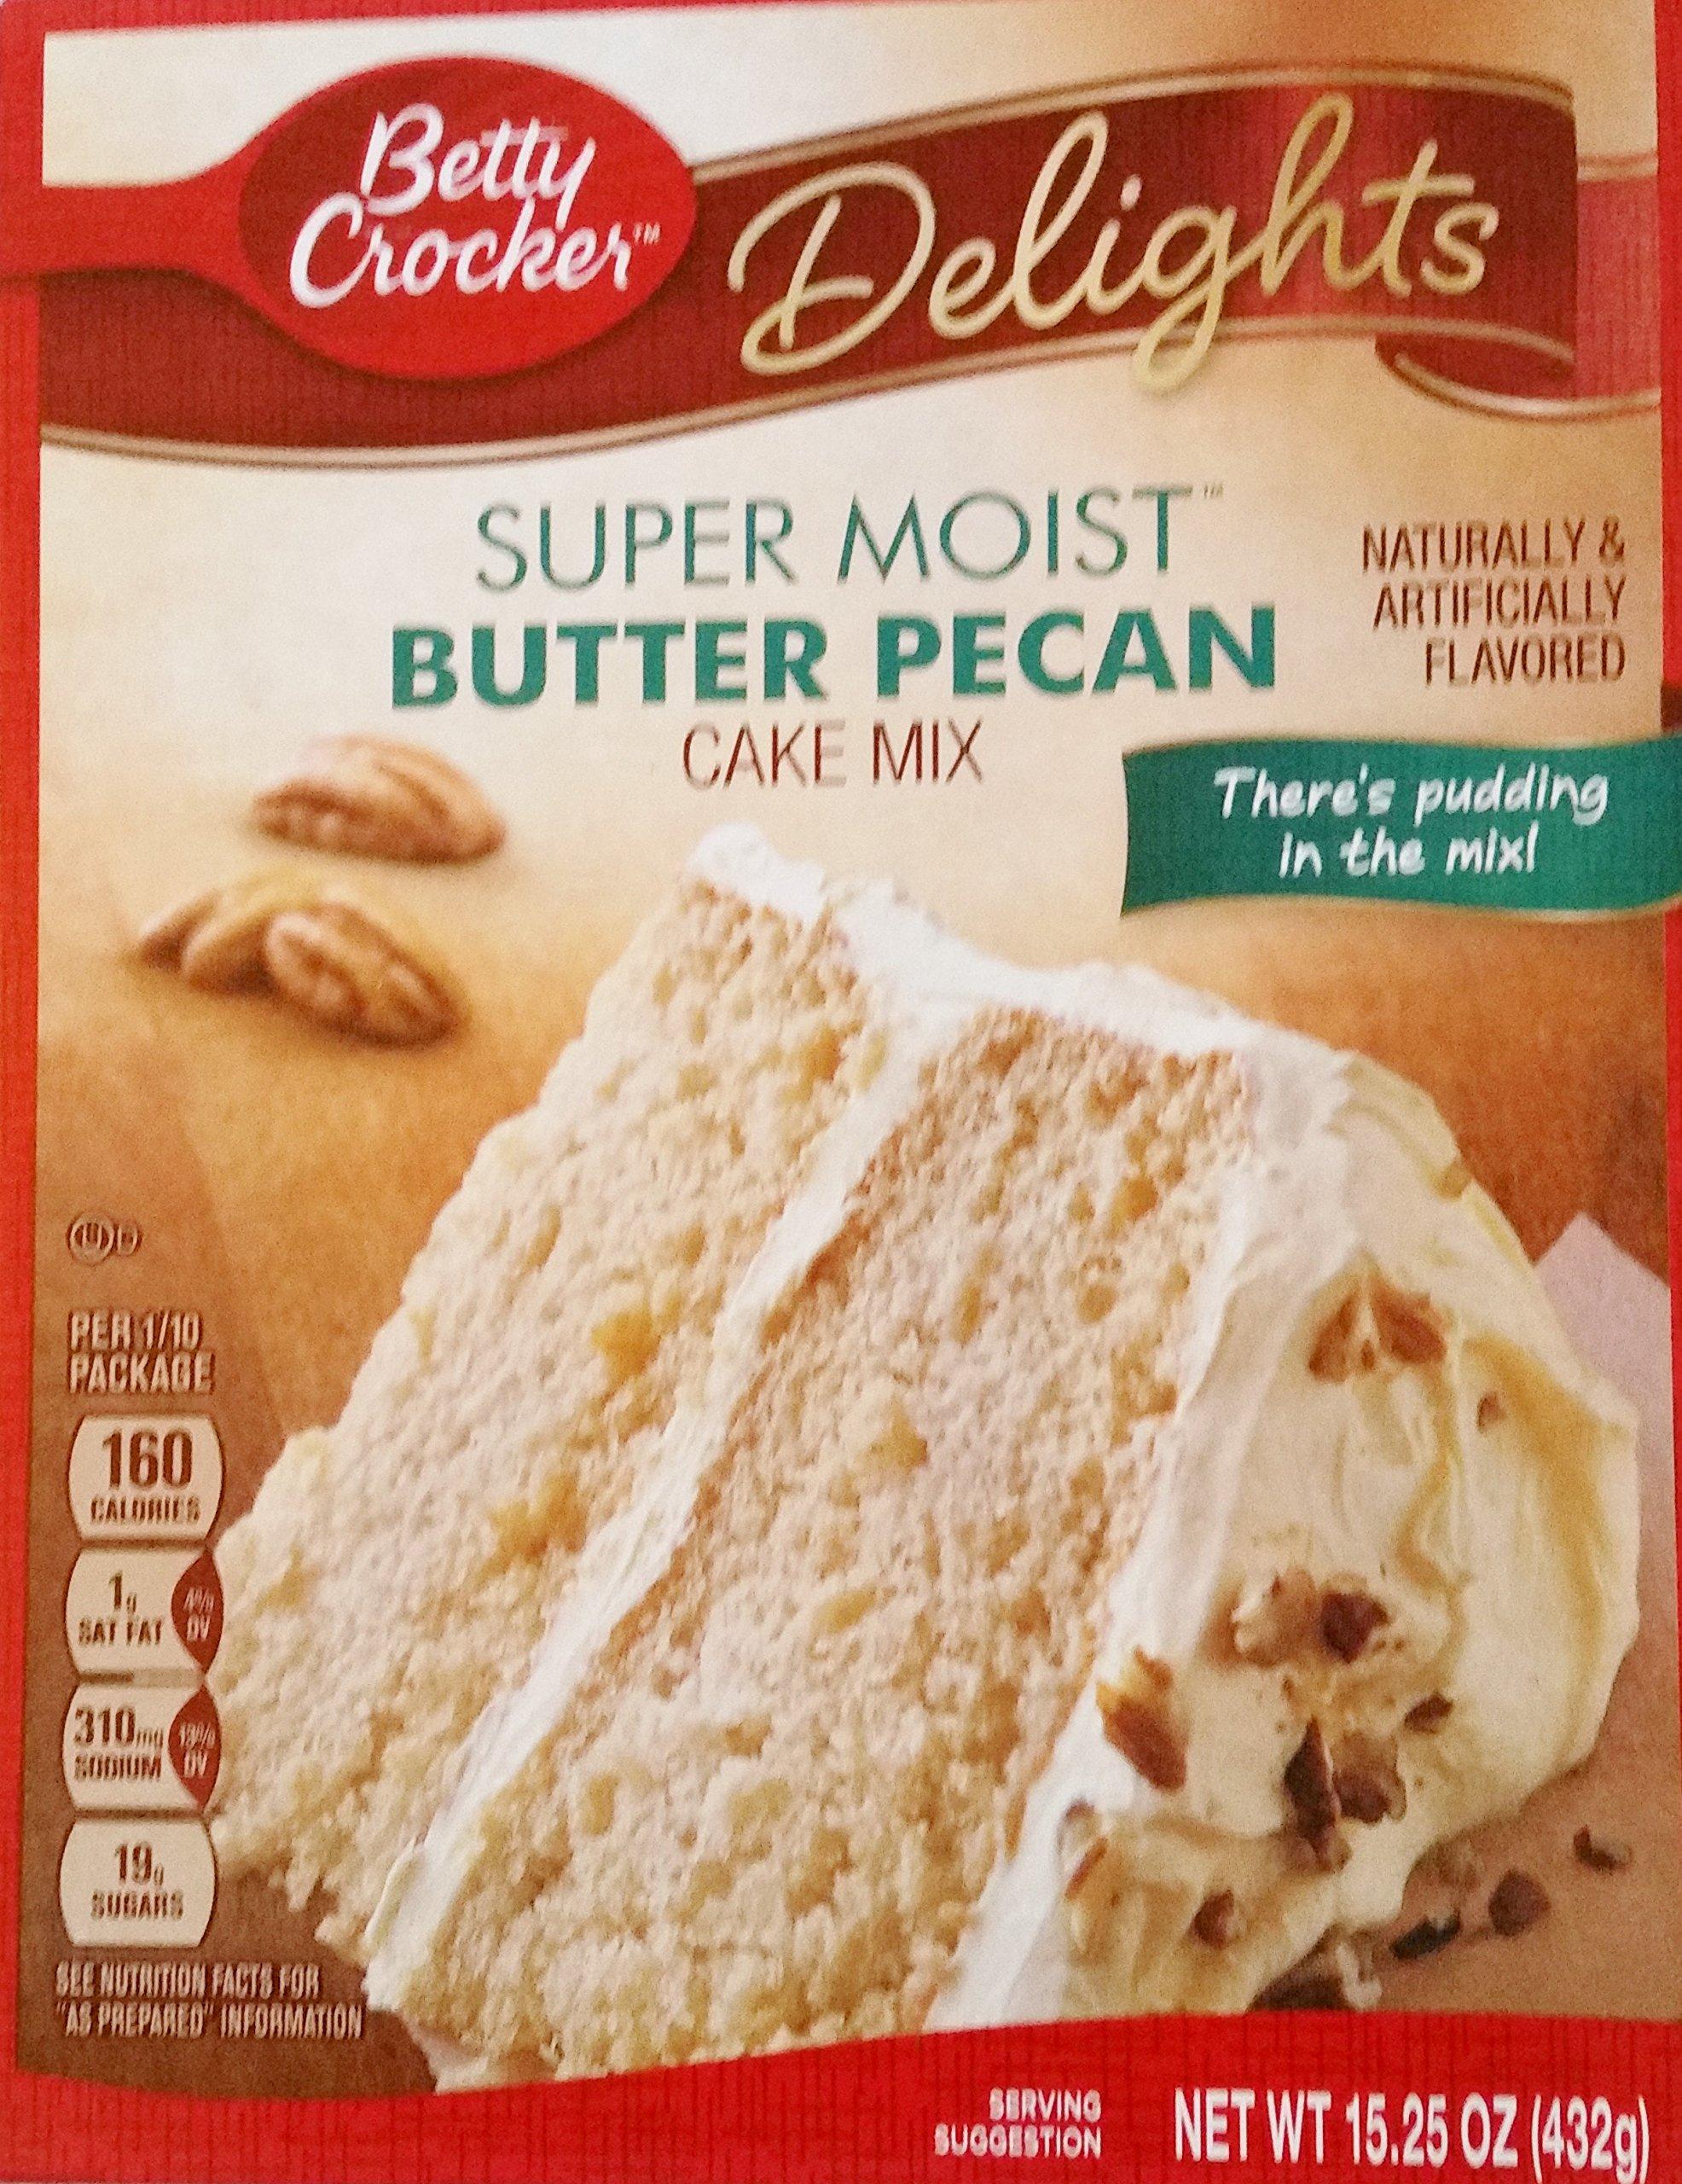 Betty Crocker Delights Super Moist Butter Pecan Cake Mix (Pack of 3)